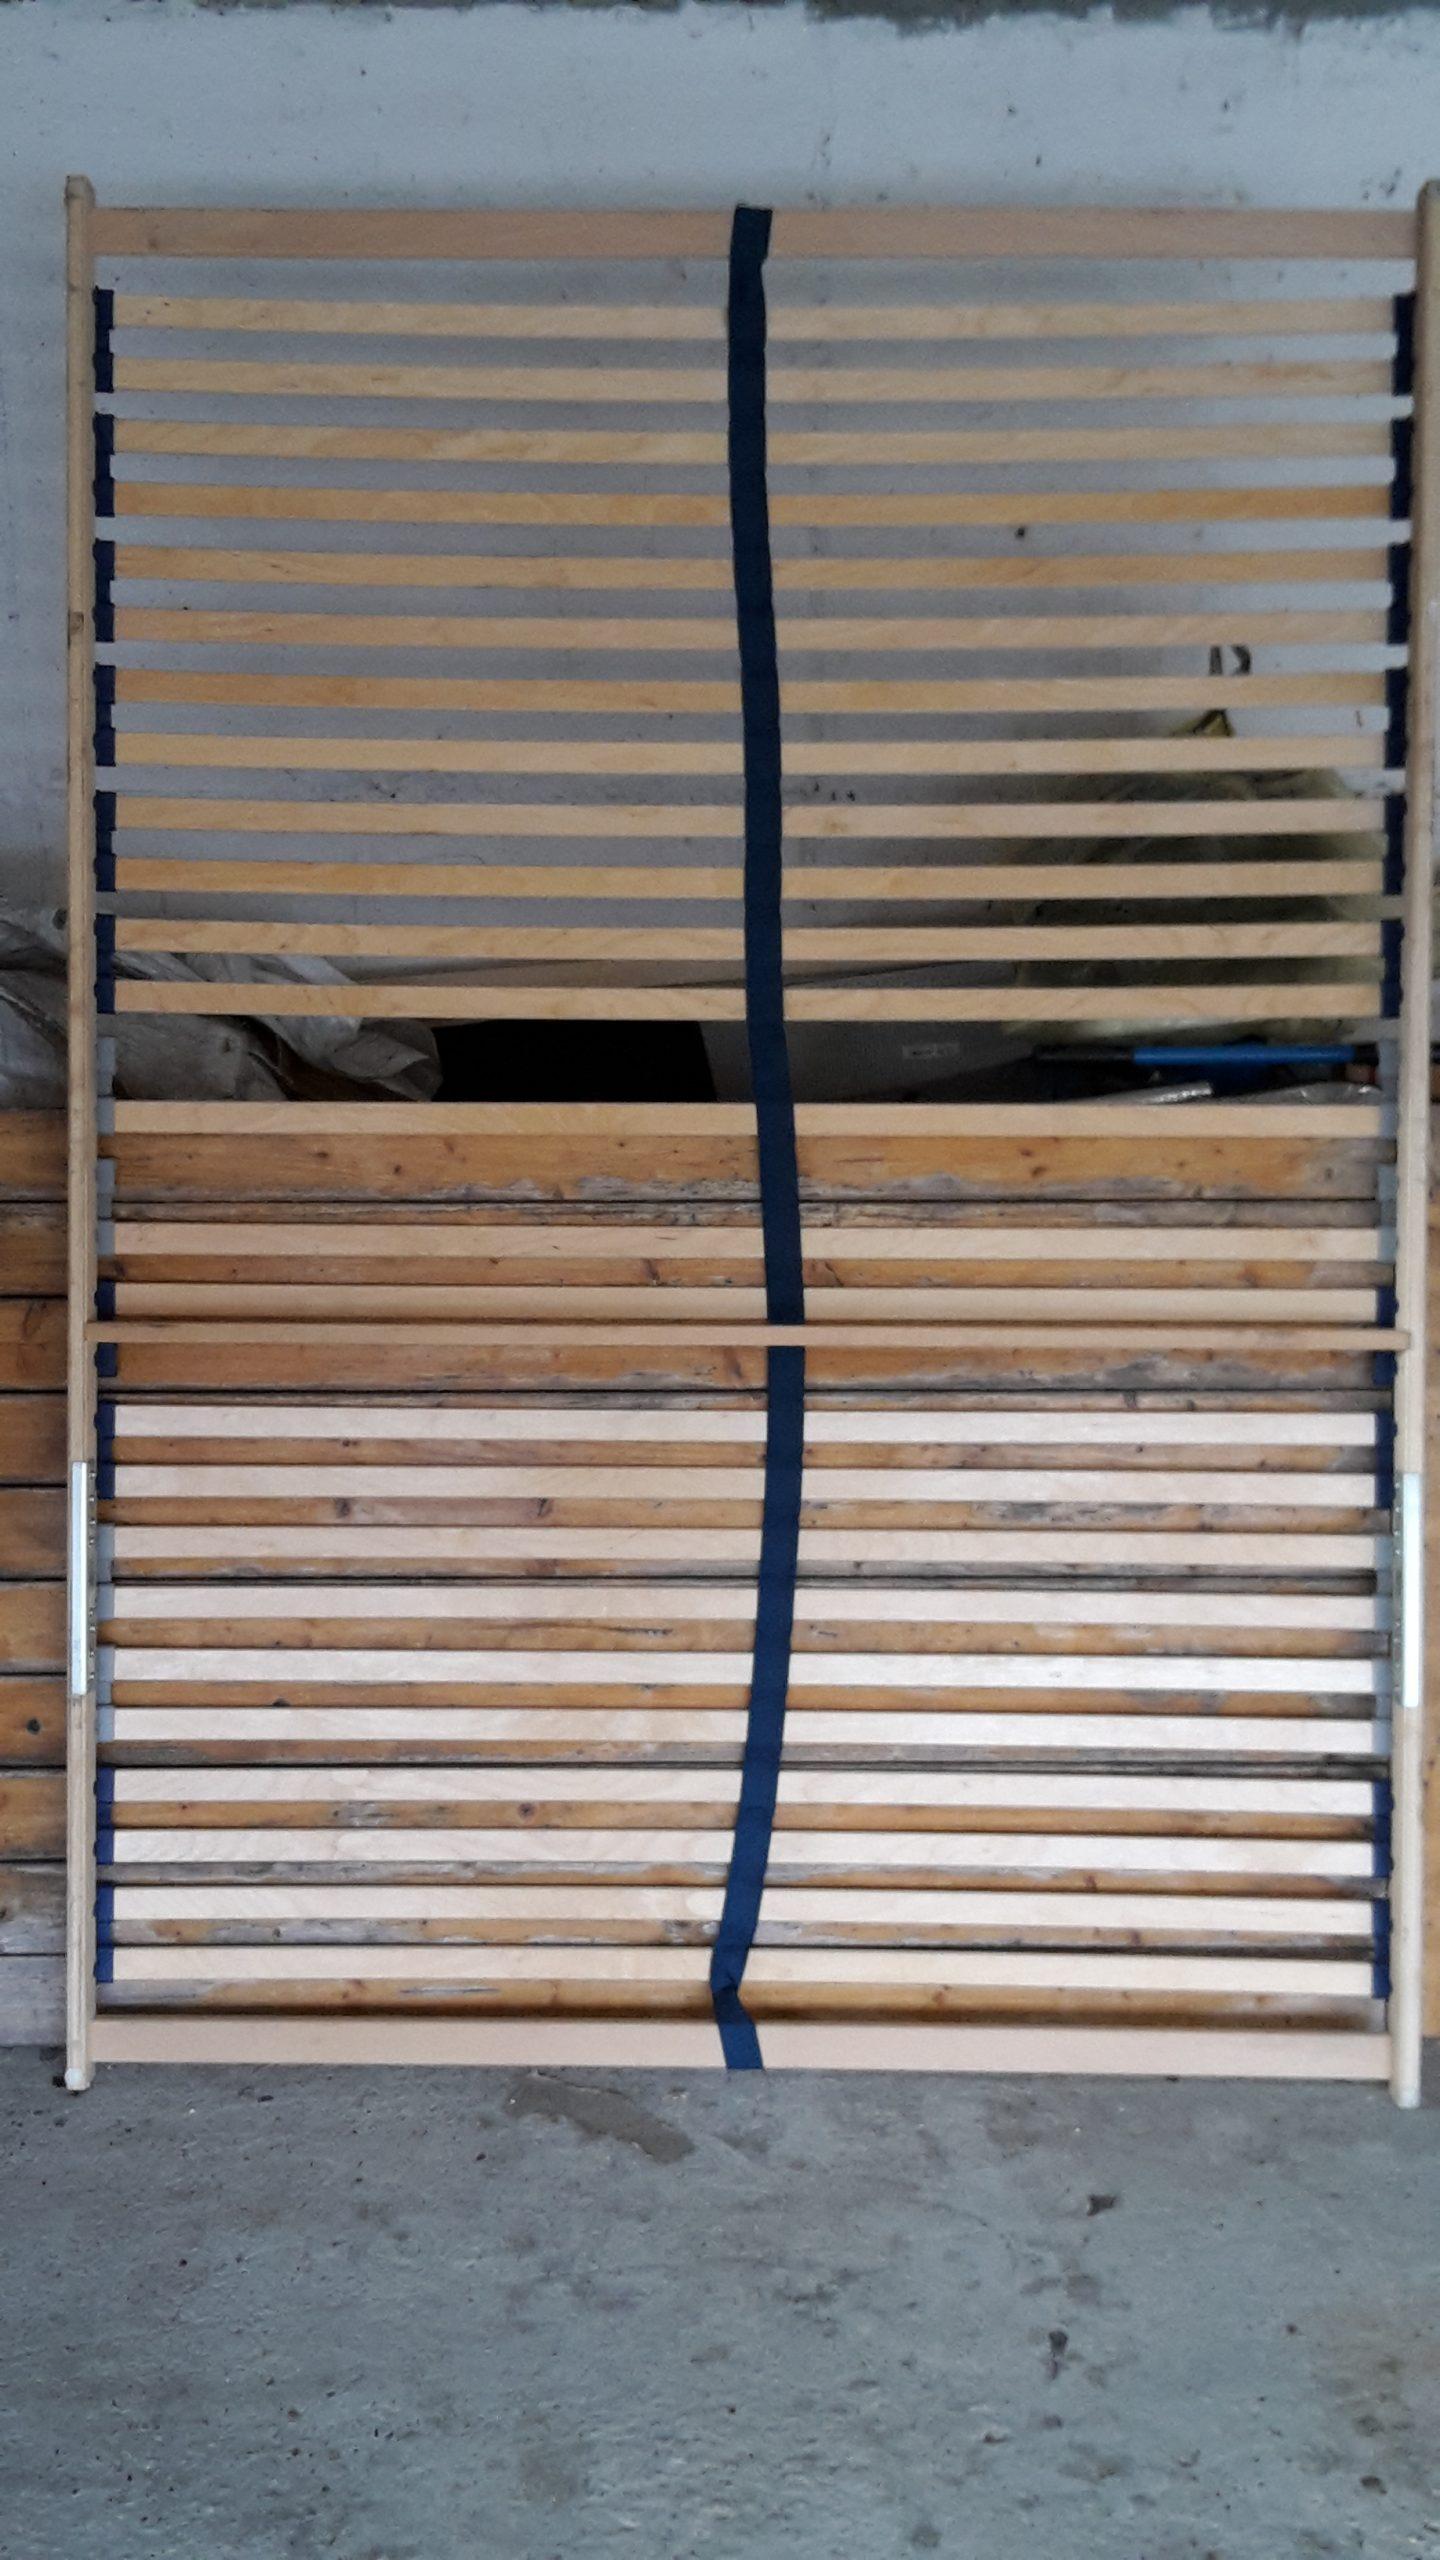 Full Size of Tempur Betten Bett Mit Rutsche 140x200 Ebay 180x200 Weißes 160x200 Weiß Massivholz Wickelbrett Für Bettkasten Sofa Einfaches Hülsta Frankfurt Landhausstil Bett Bett 1.40